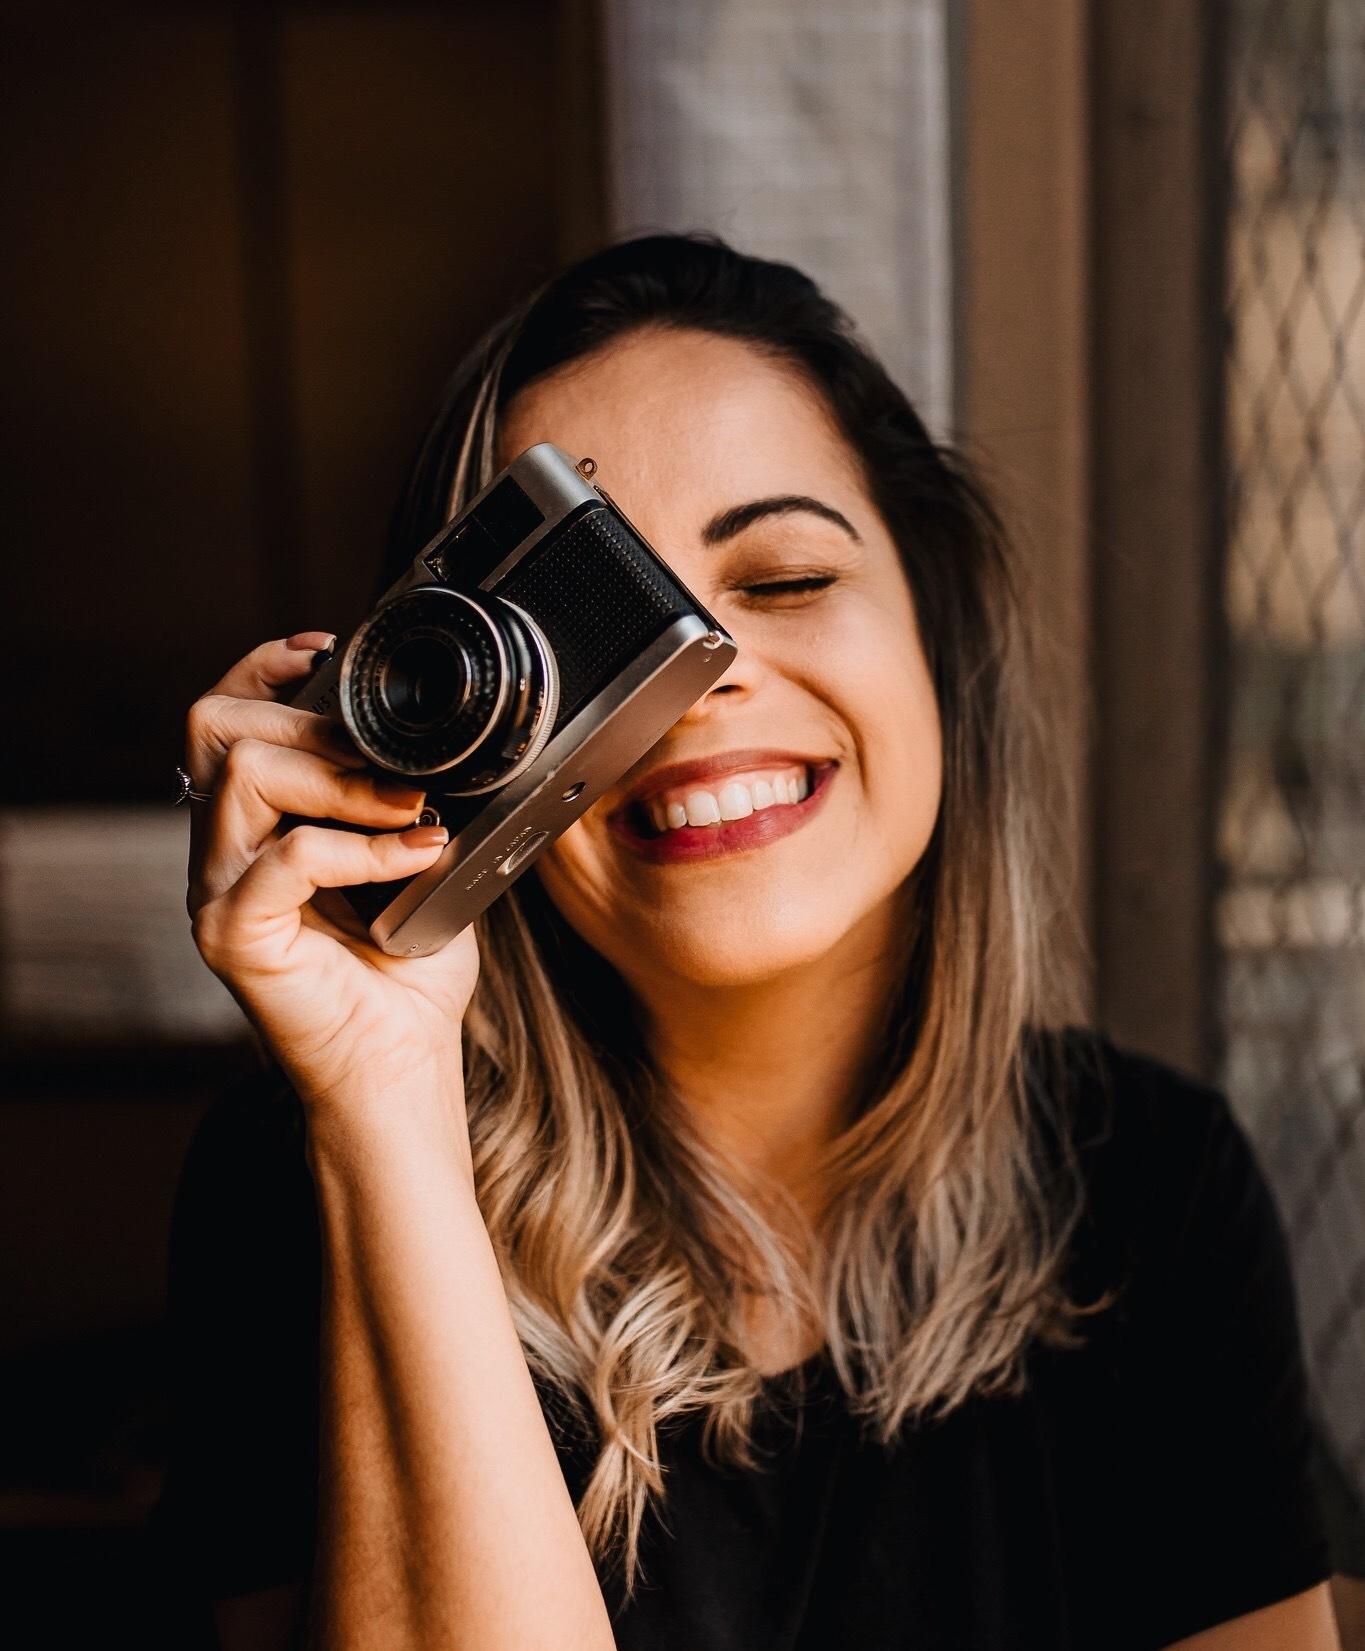 Sobre Caroline Tudesco | Fotografia Lifestyle de Famílias, Gestantes, Recém-nascidos, Partos, Pets e Aniversários Infantis | Campos dos Goytacazes/RJ